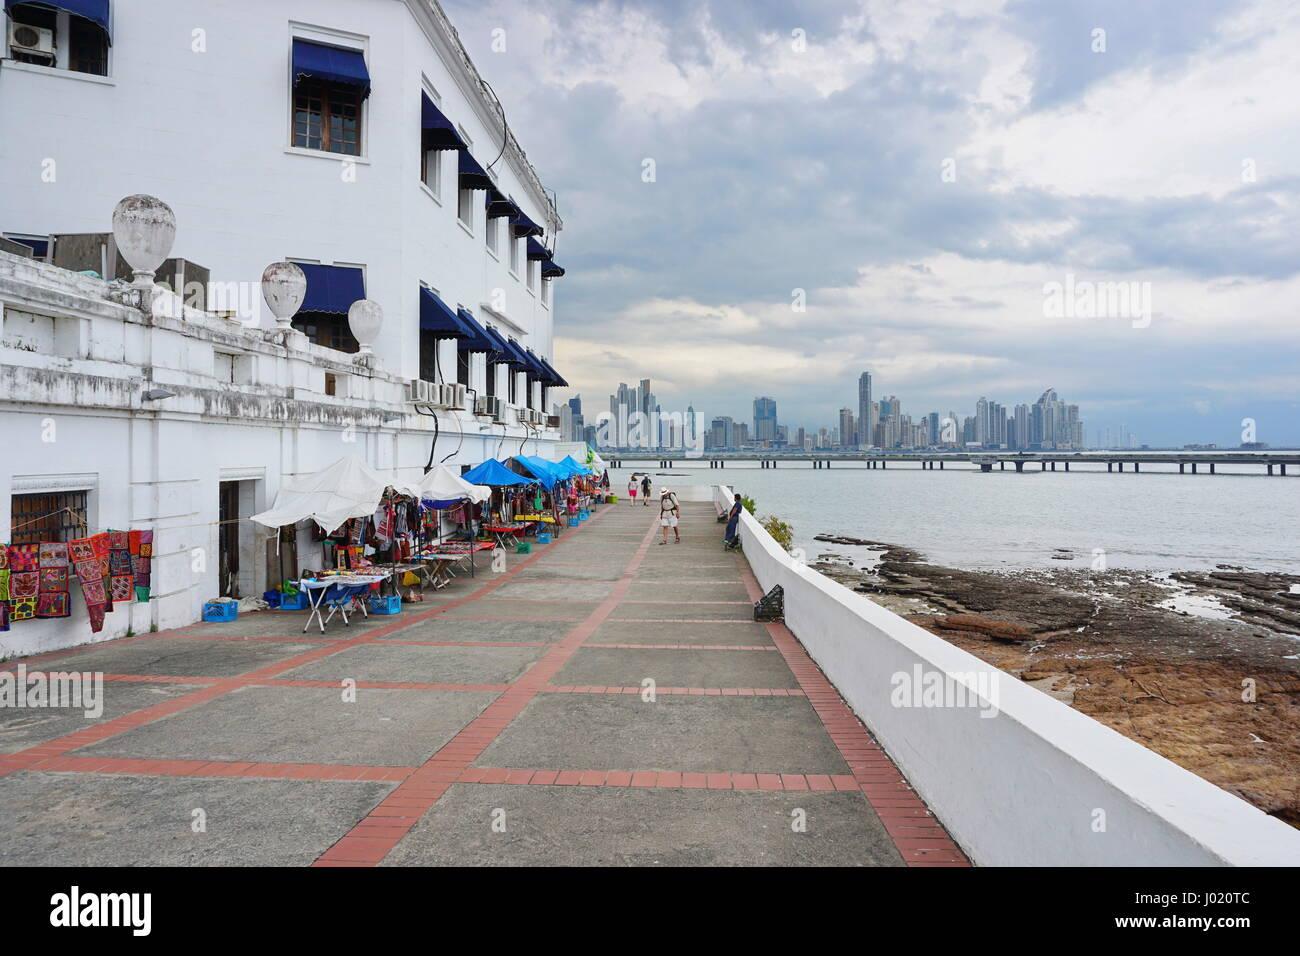 Küstenweg rund um die Plaza de Francia in der Casco Viejo, der Altstadt von Panama City, Panama, Mittelamerika Stockbild